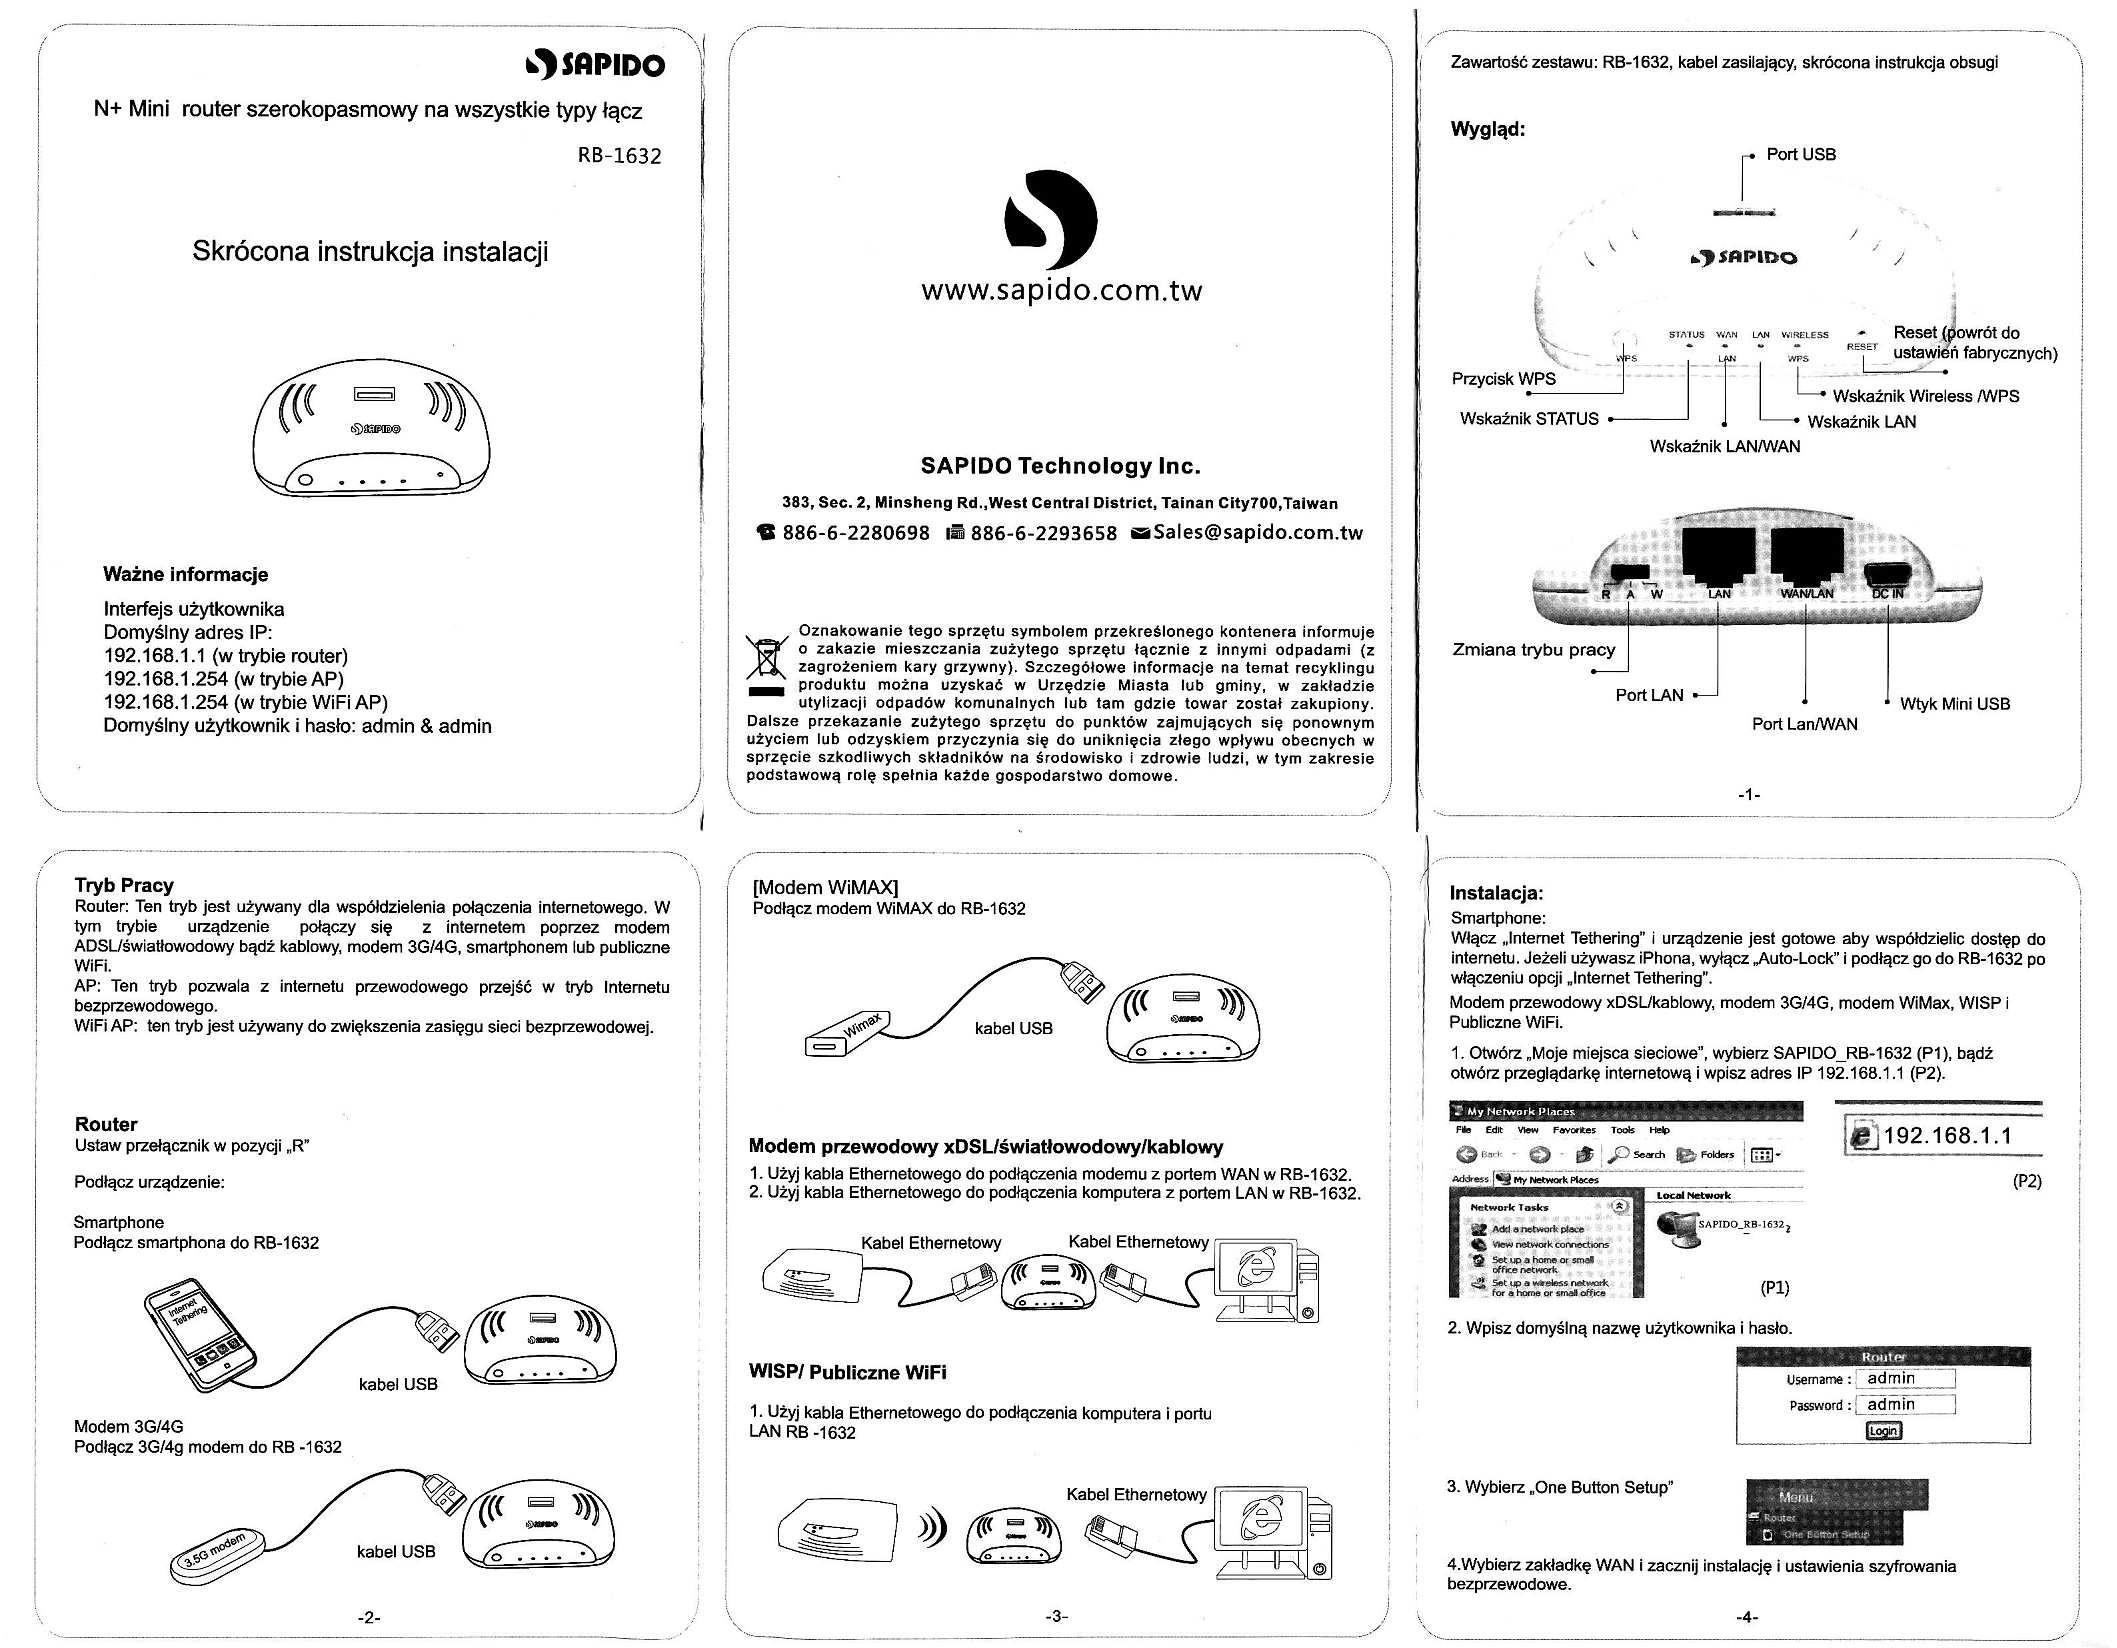 instrukcja do minirutera Sapido RB-1632 na wszystkie typy ��cz (tak�e GSM)